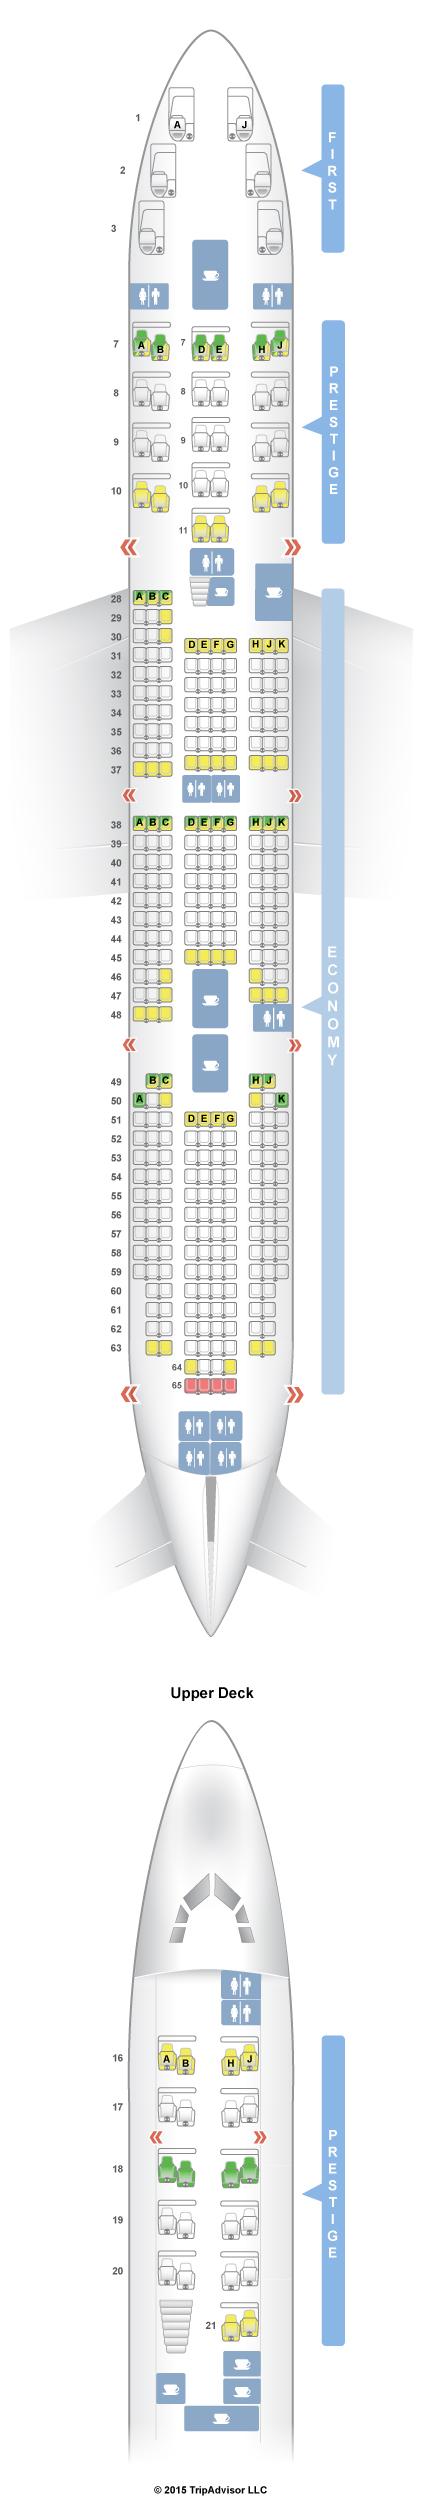 SeatGuru Seat Map Korean Air - SeatGuru